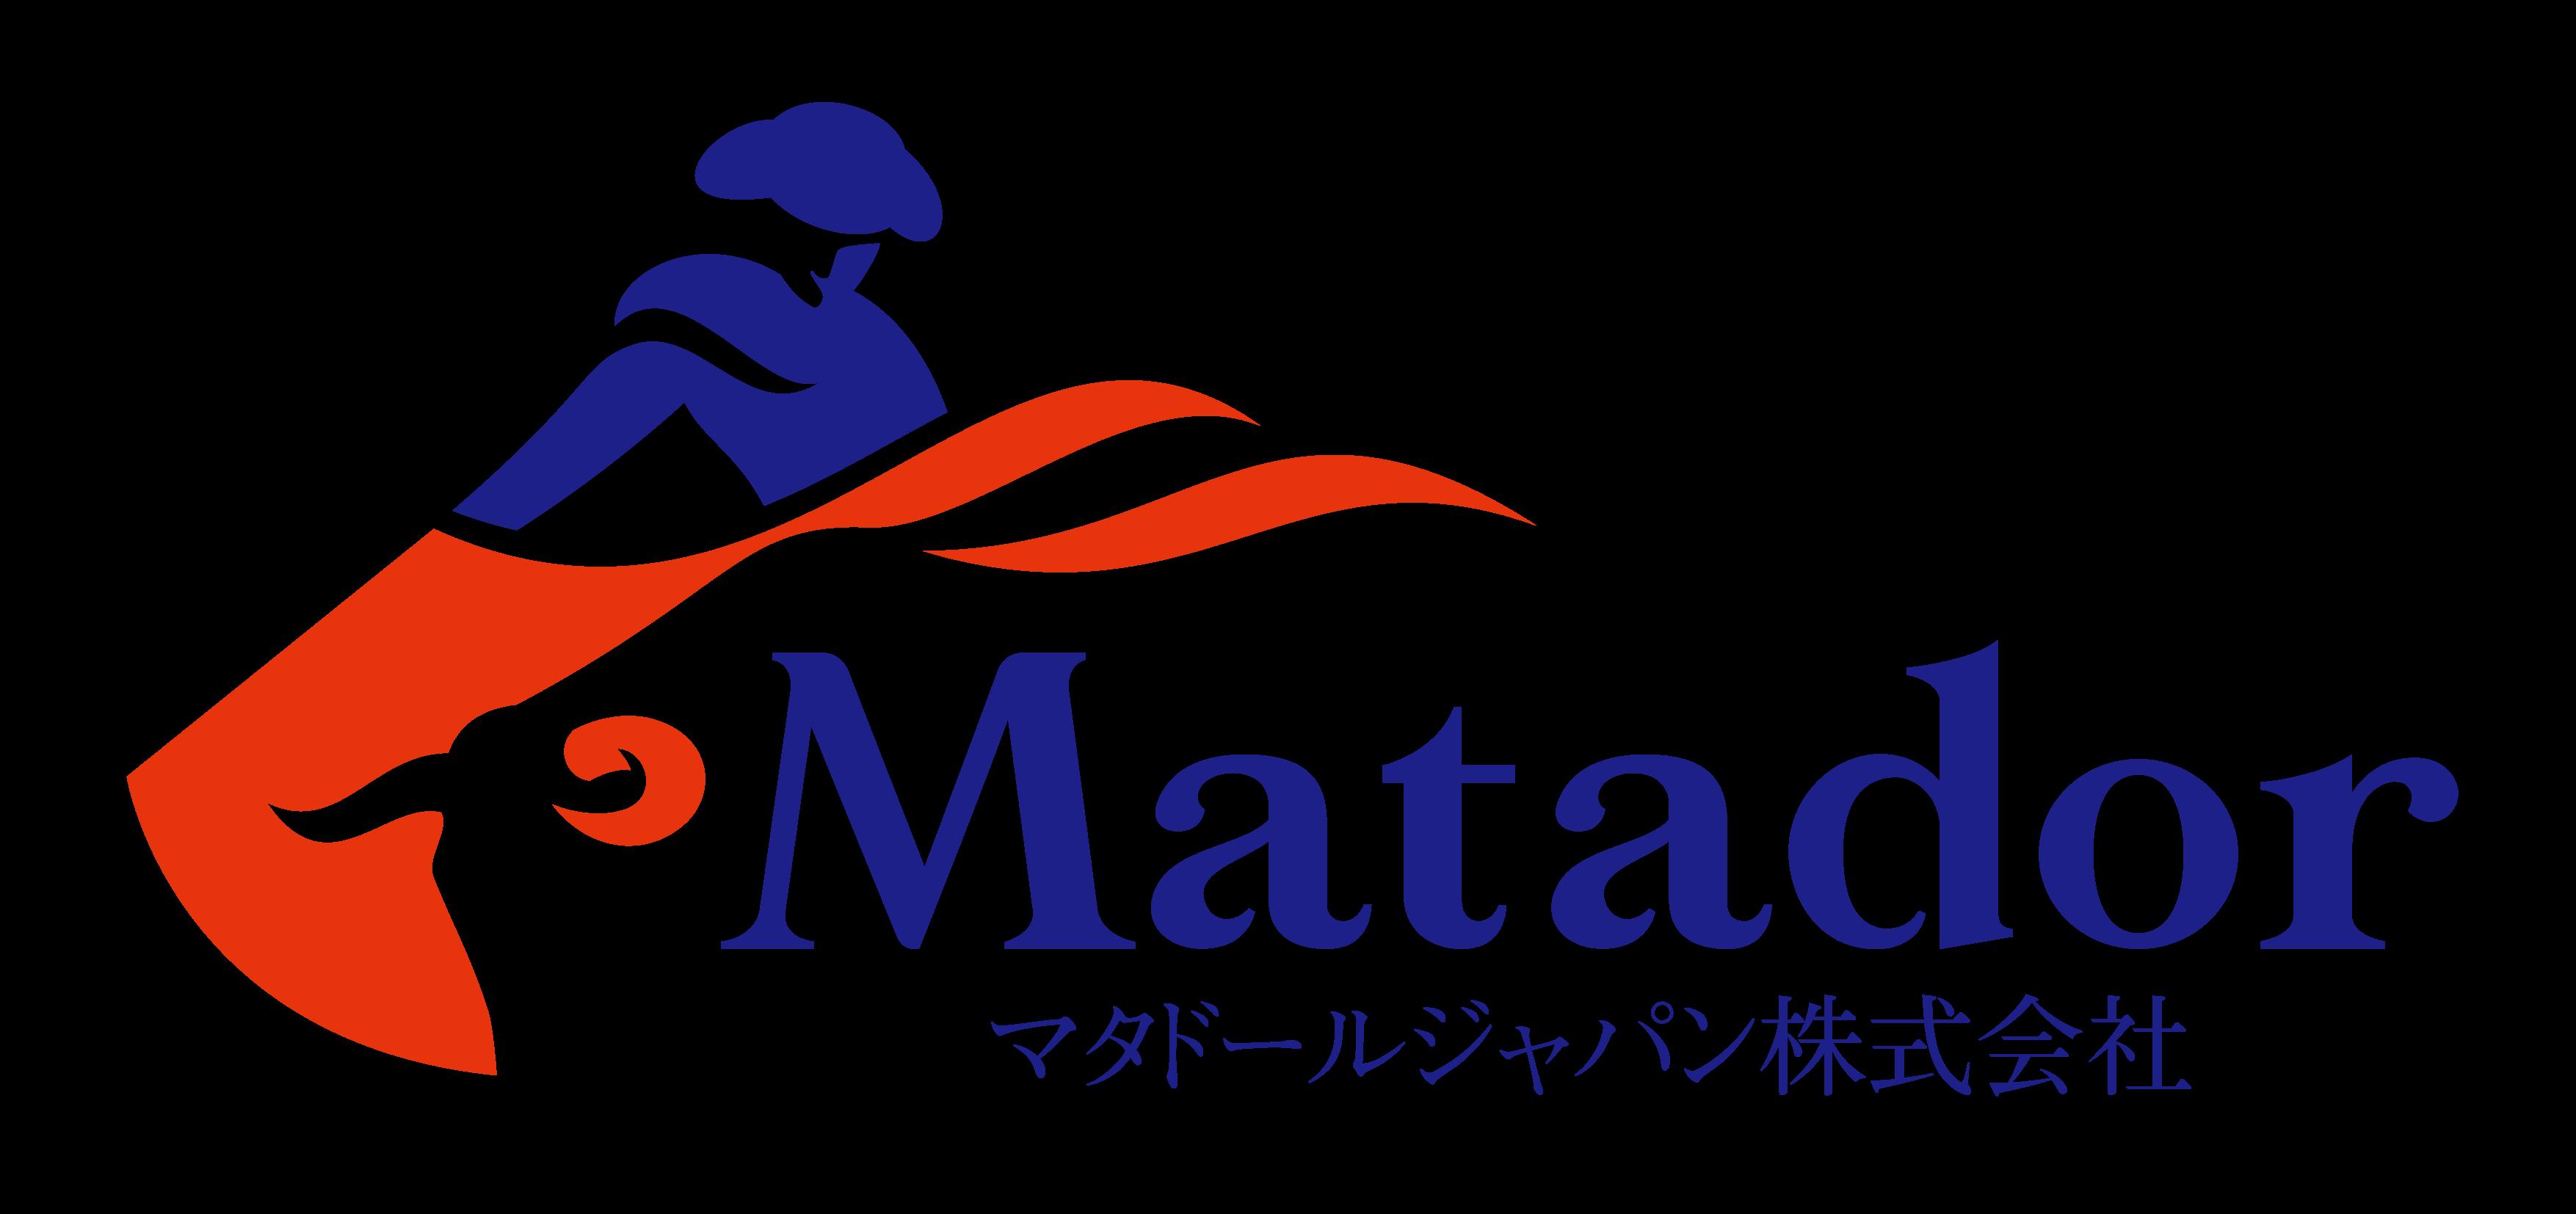 マタドールジャパン株式会社